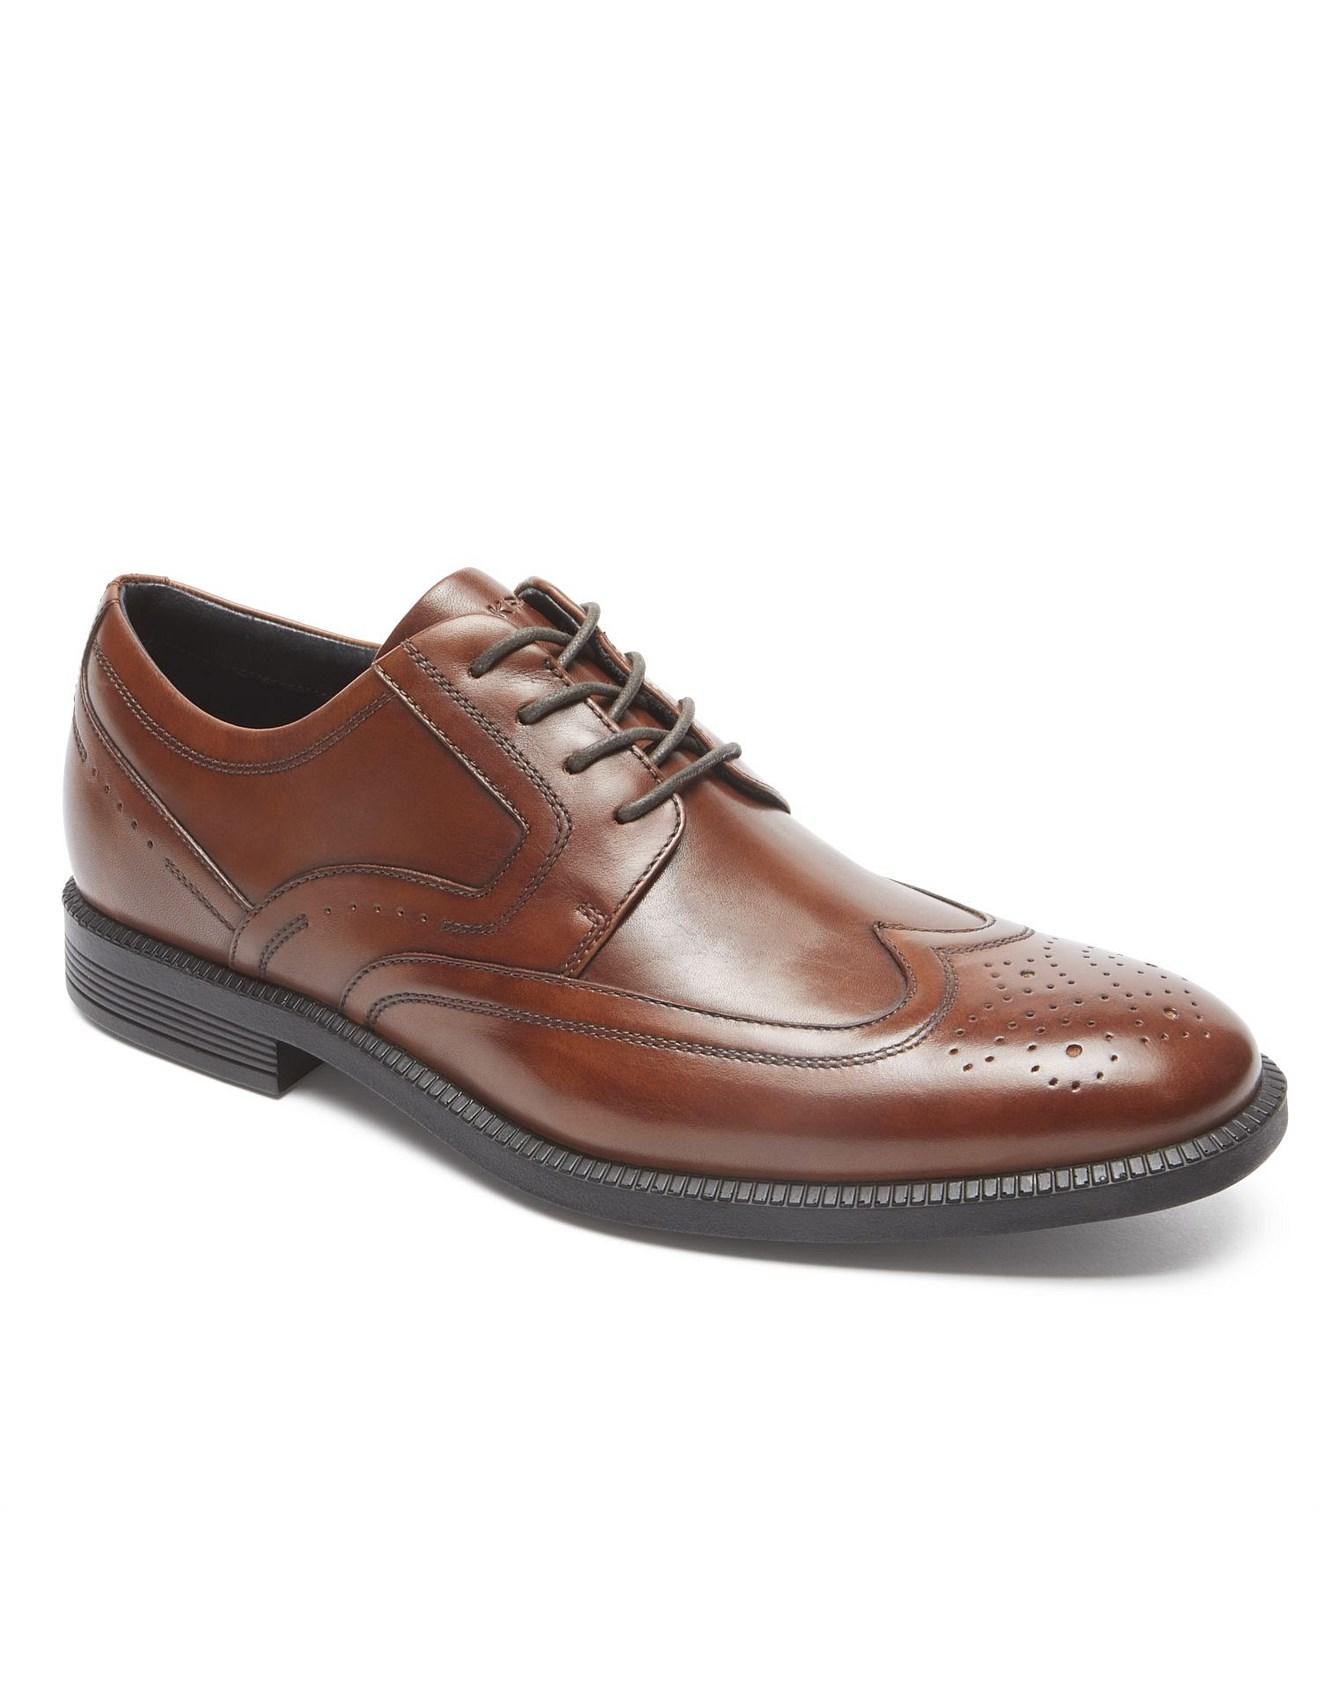 David Jones Rockport Shoes For Men